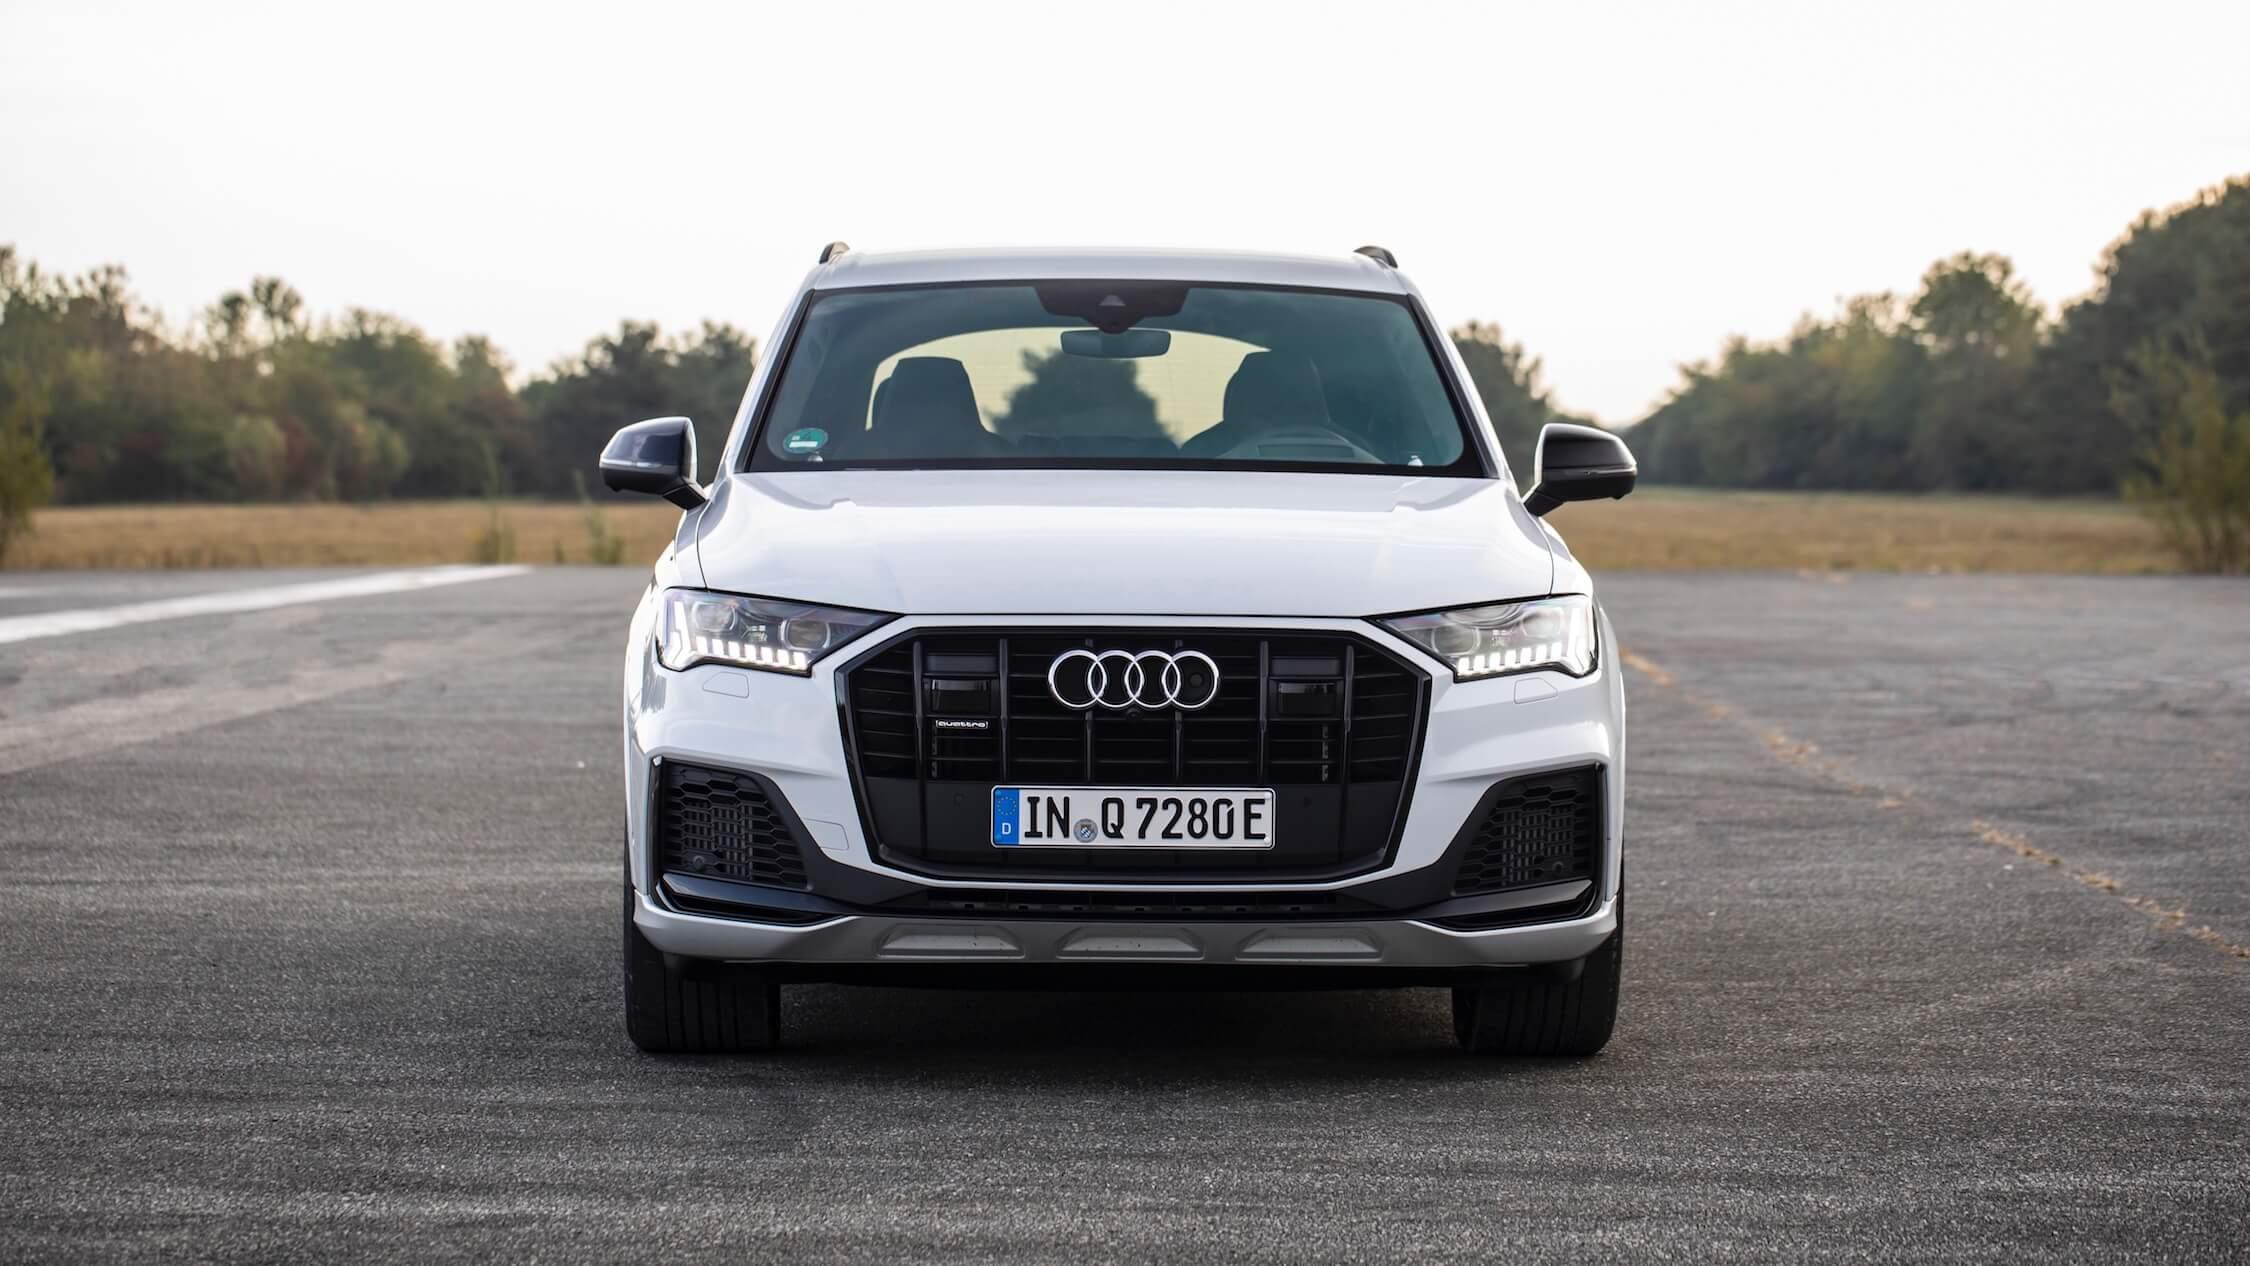 Audi Q7 60 TFSI-e voorkant